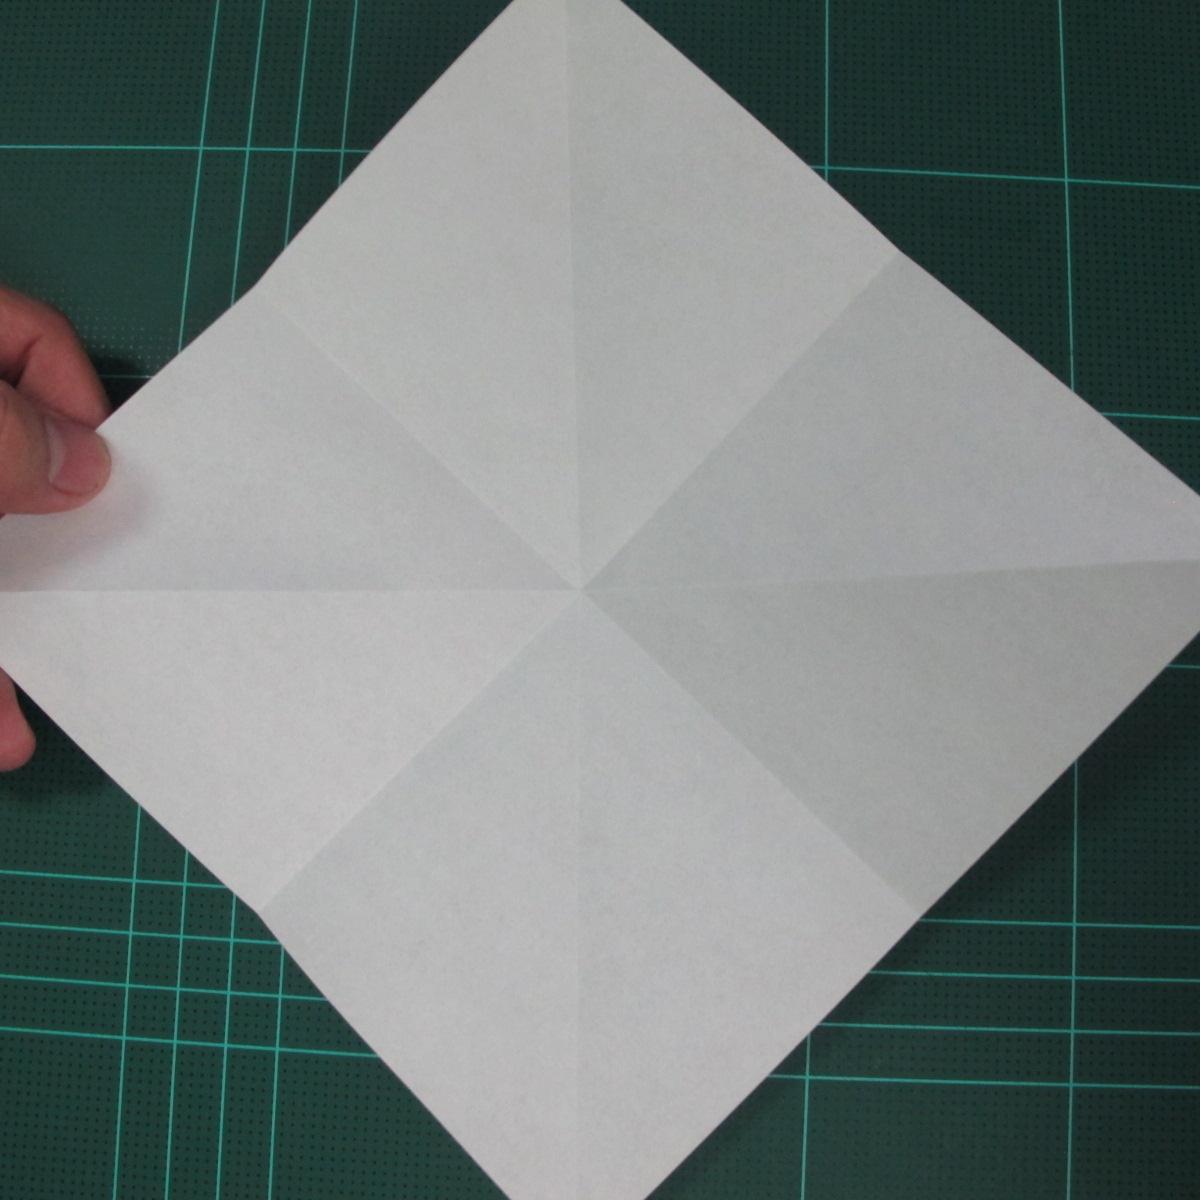 การพับกระดาษเป็นที่คั่นหนังสือหมีแว่น (Spectacled Bear Origami)  โดย Diego Quevedo 003